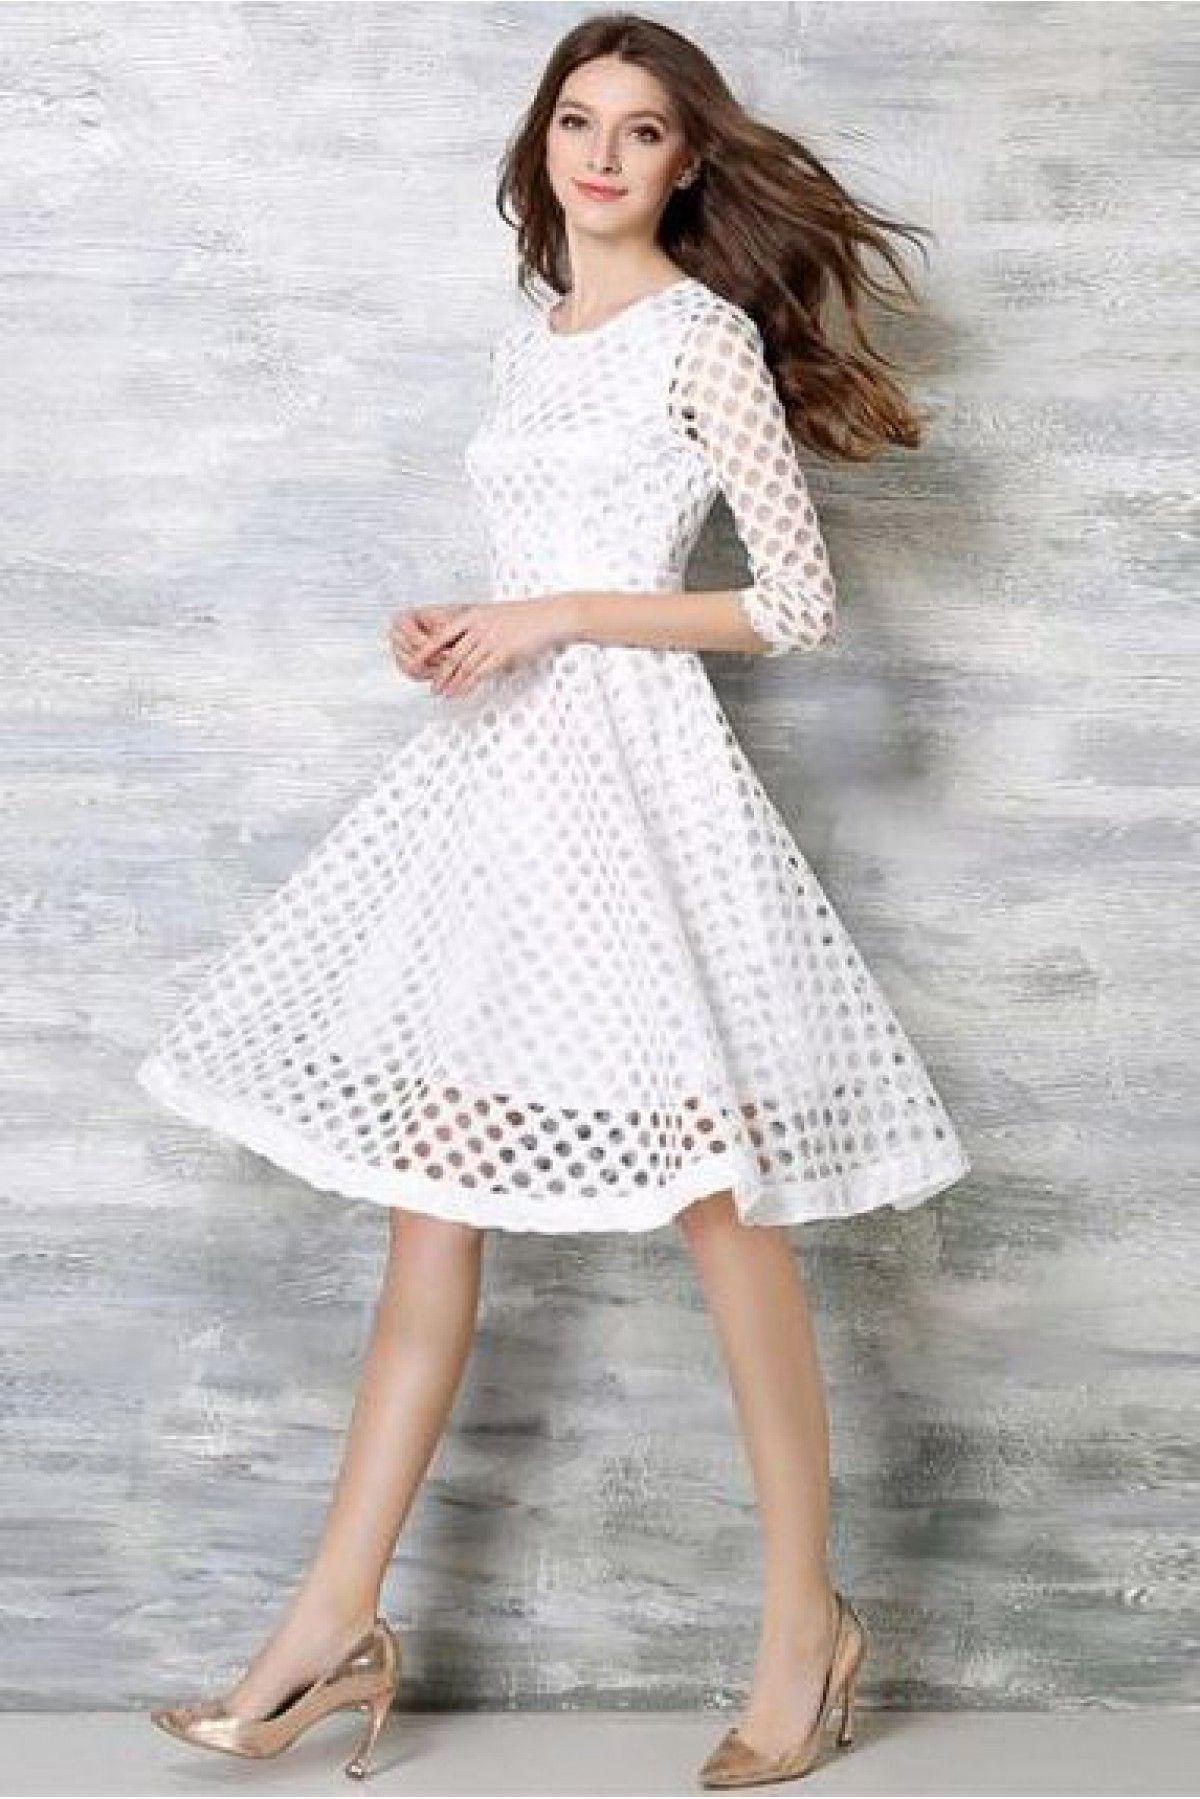 Lace Western Wear Dress In White Colour Western Wear Dresses Designer White Dresses Long Sleeve Boho Dress [ 1799 x 1200 Pixel ]